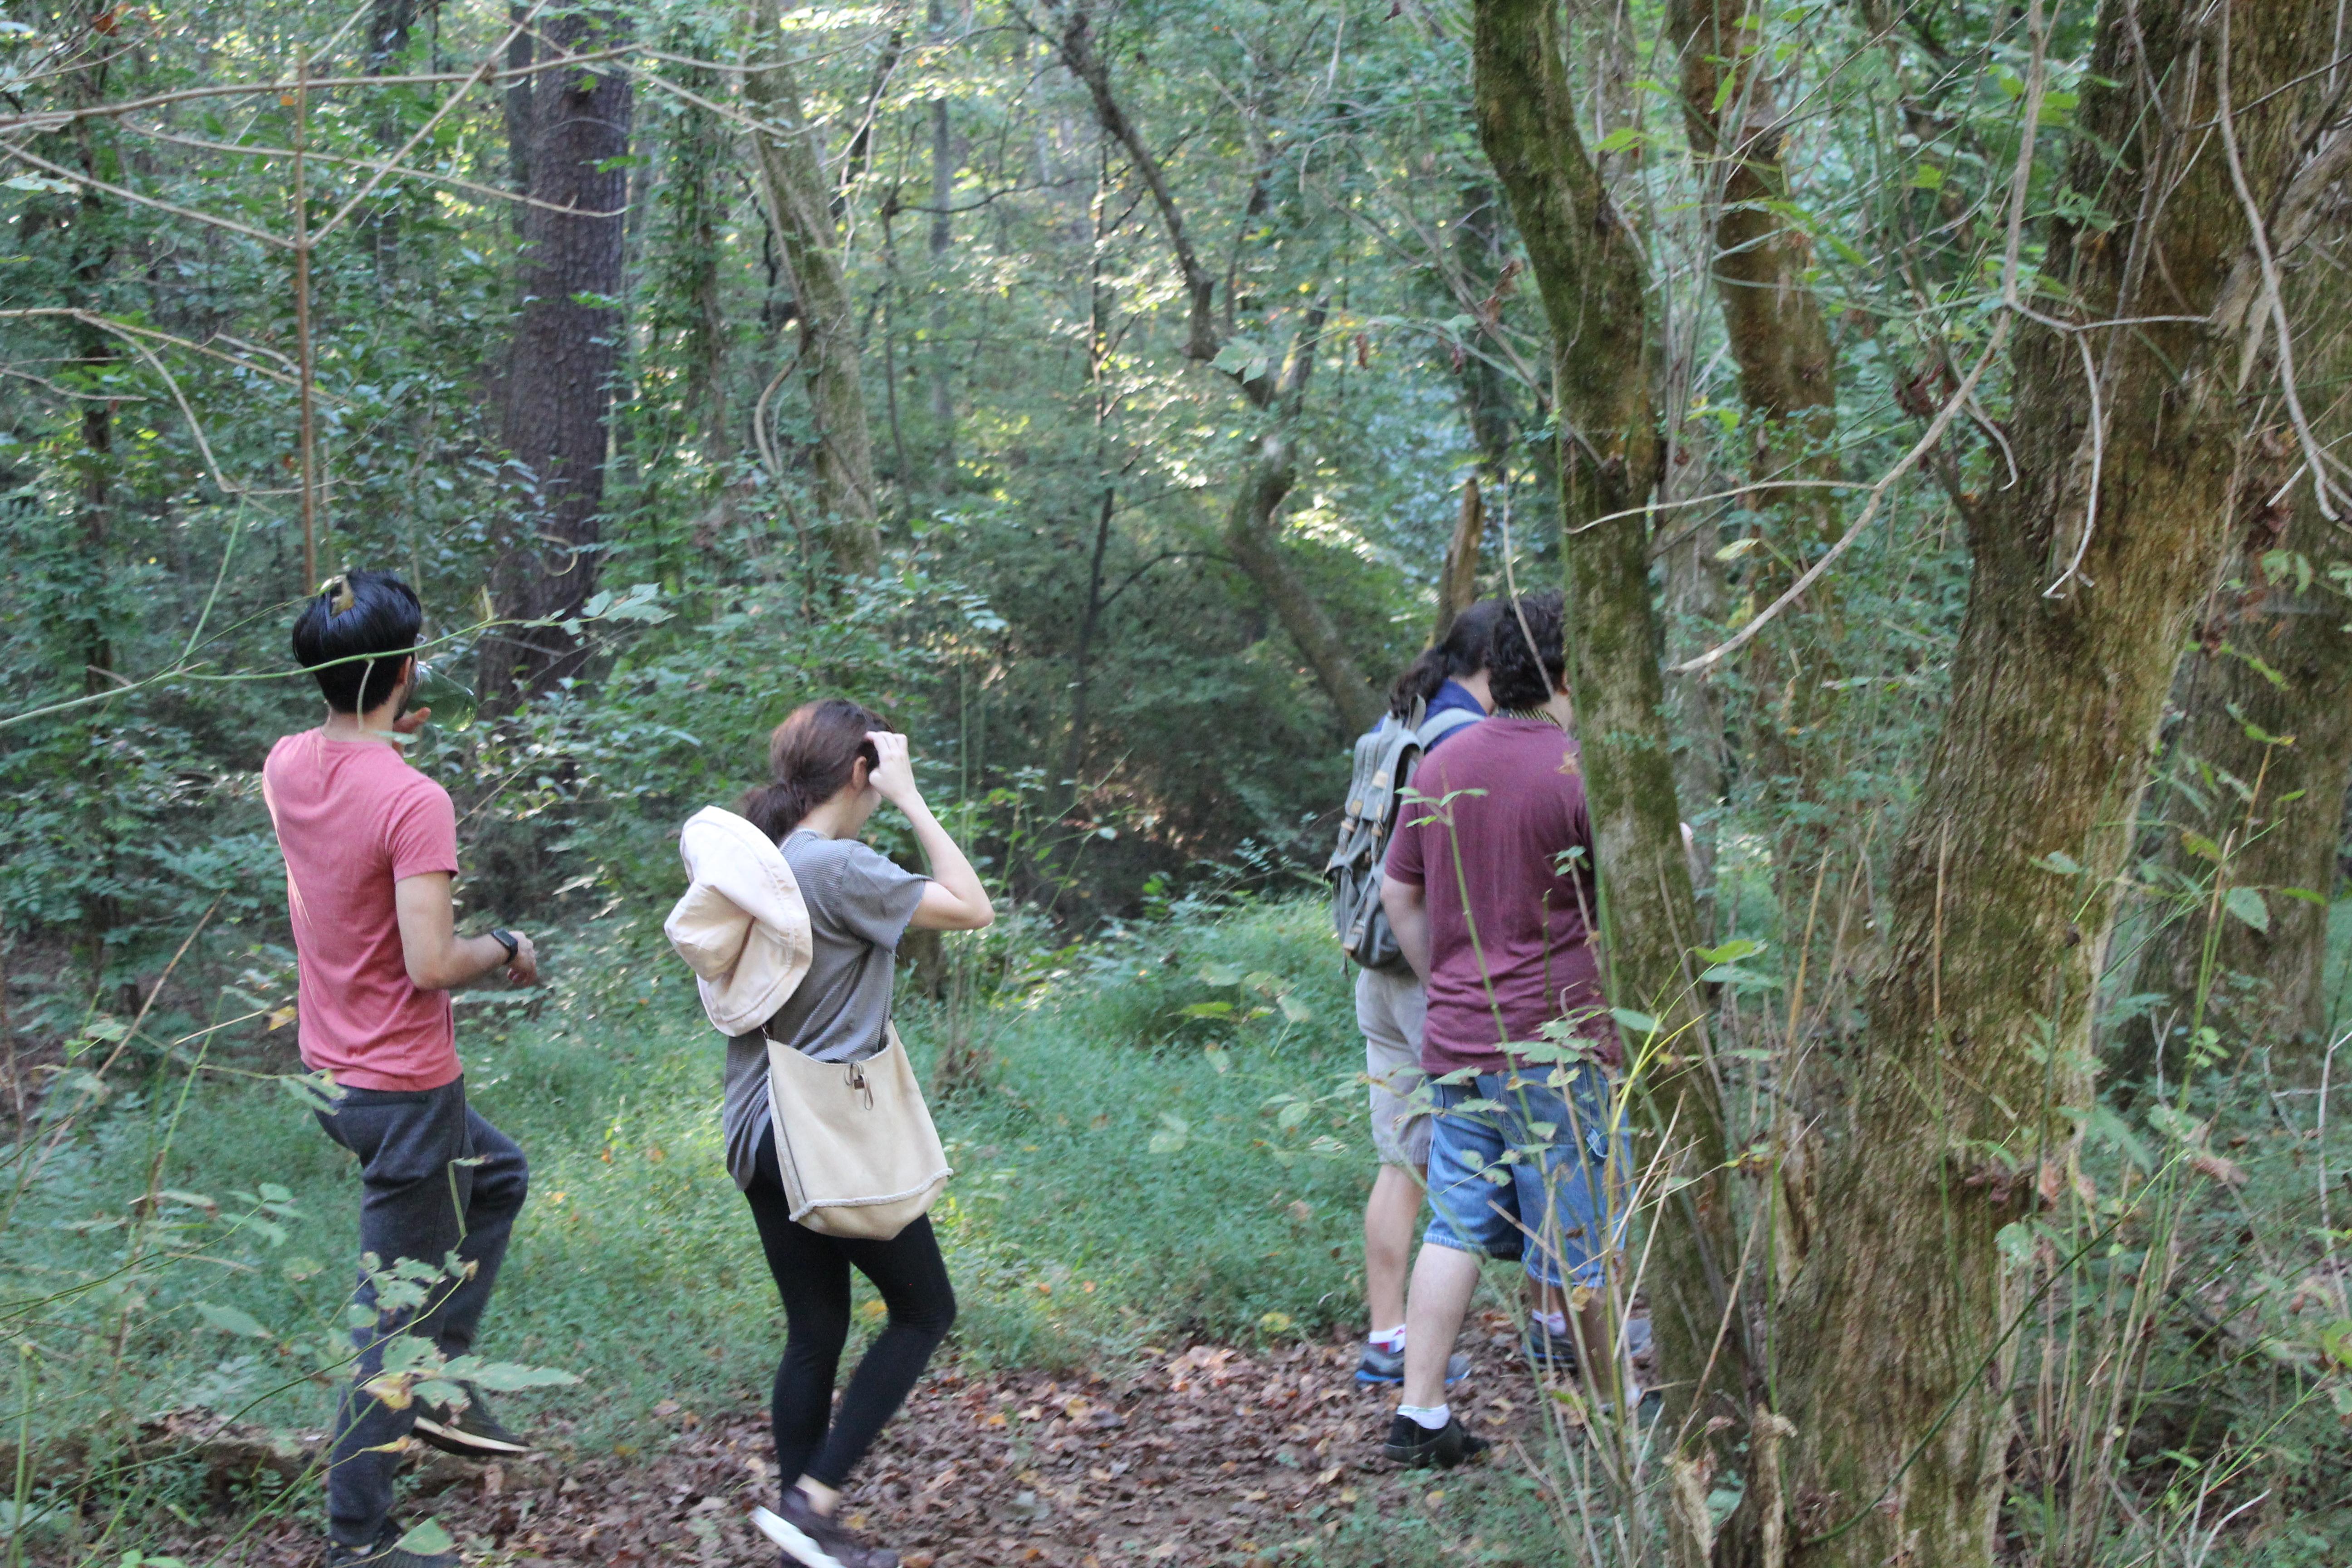 Ben - Venturing into the Woods